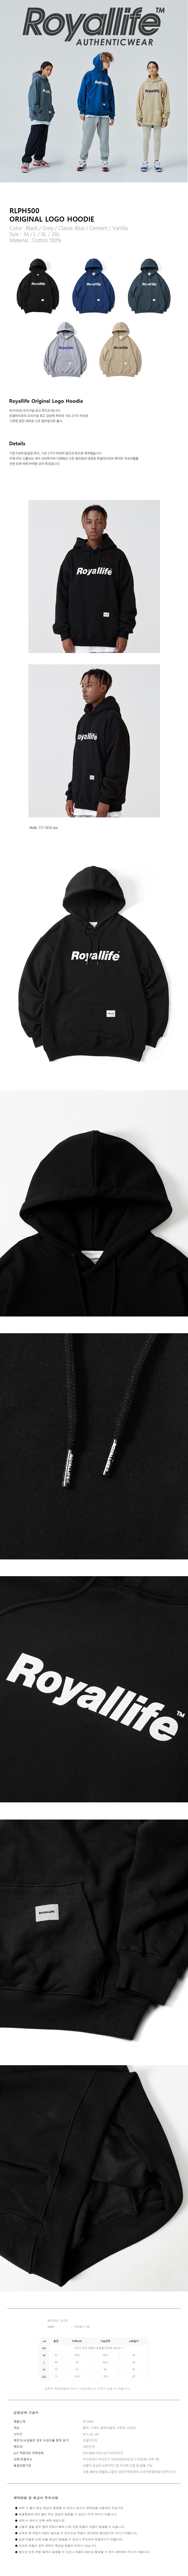 로얄라이프(ROYALLIFE) RLPH500 오리지널 로고 후드티 - 블랙